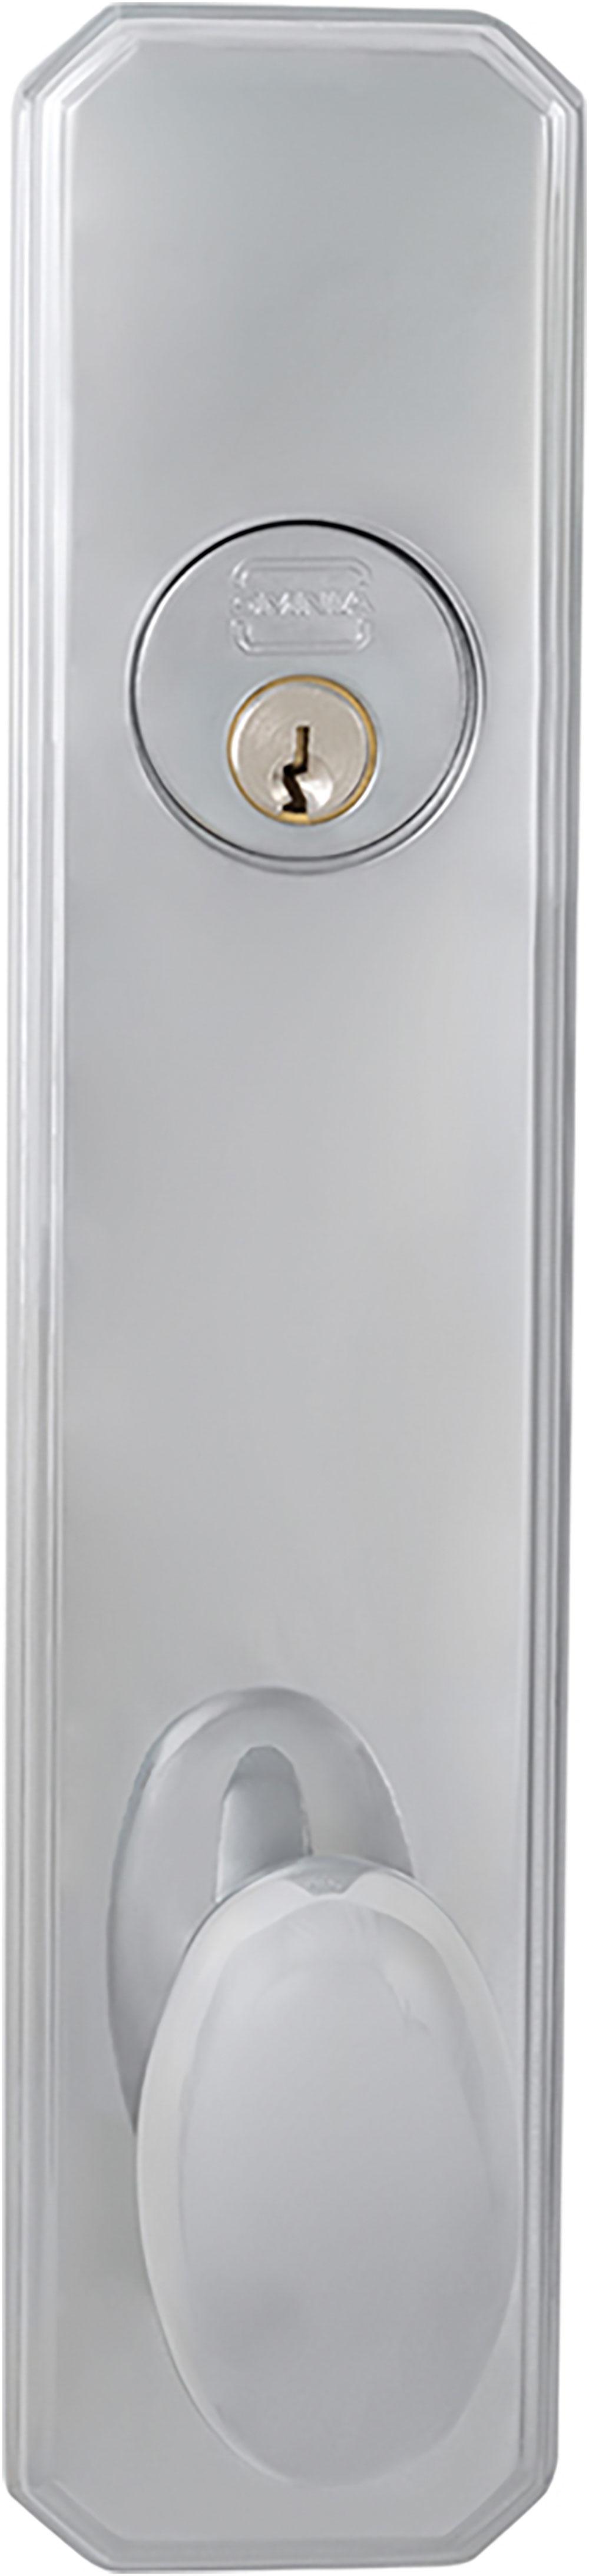 Item No.D11432 (US26 Polished Chrome Plated)